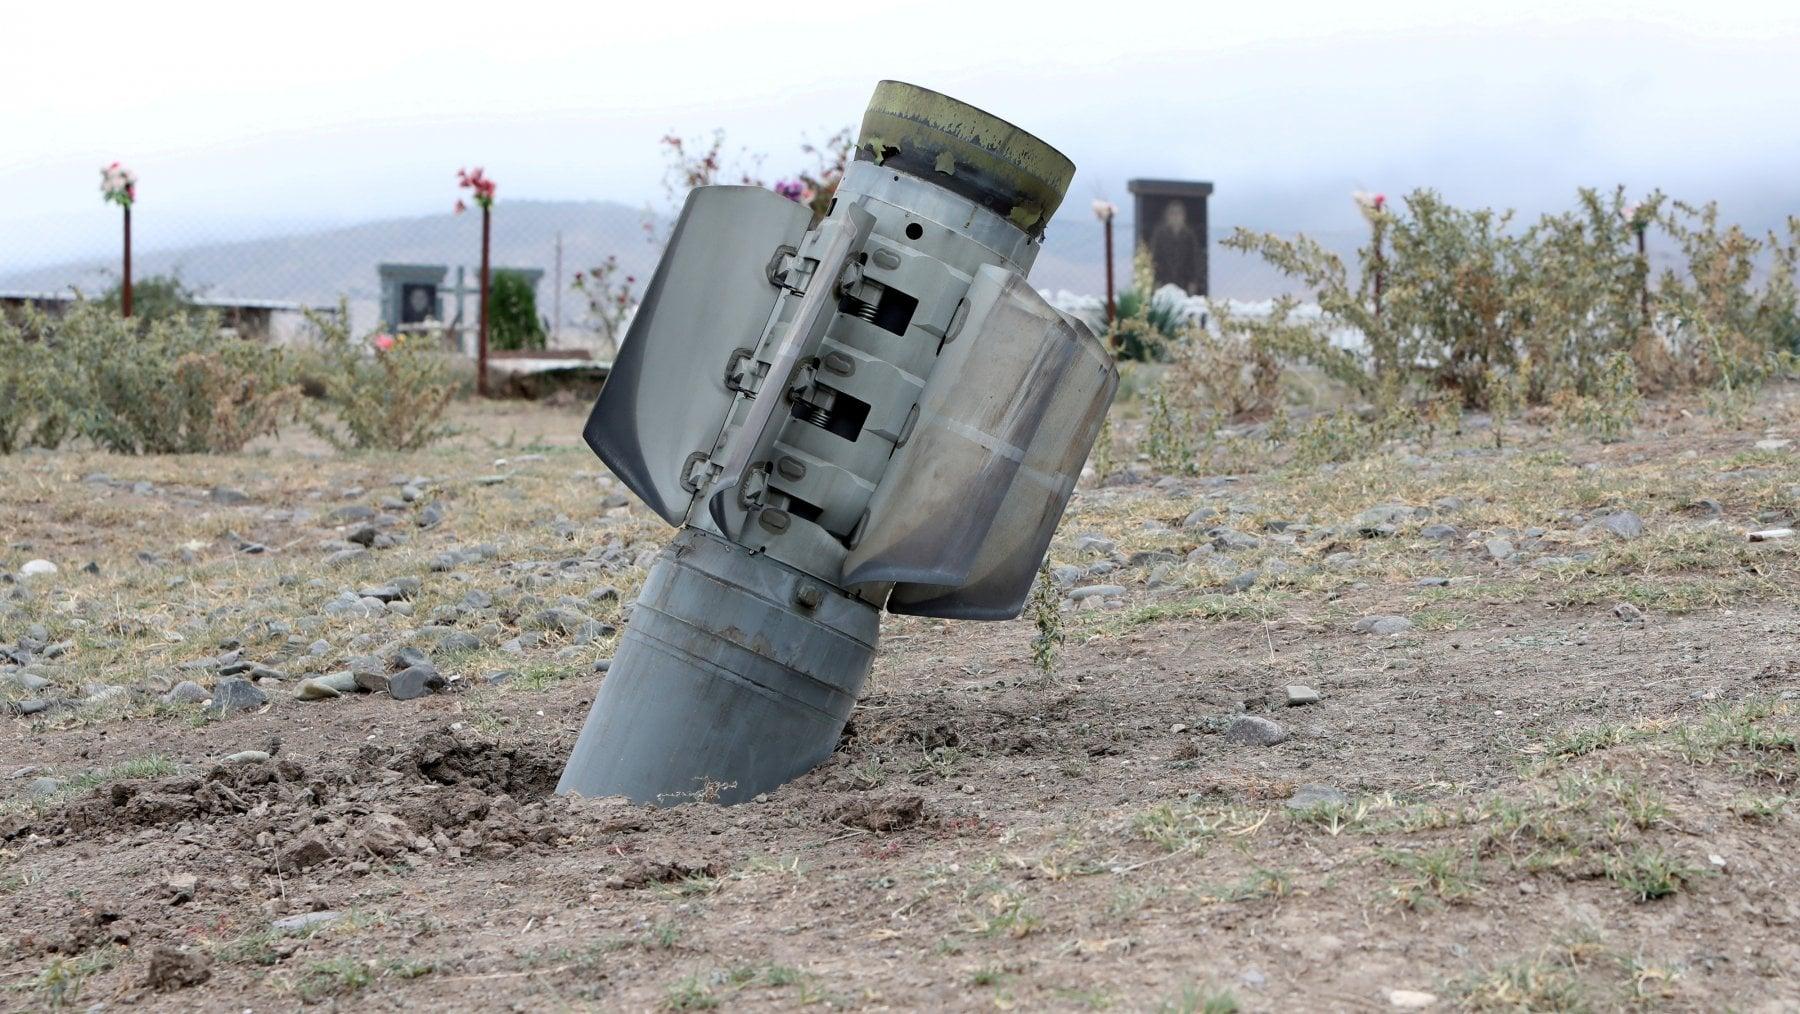 204948725 dd869e7c 2cbd 4e66 b74a f2eebf1a11fa - Nagorno-Karabakh, Armenia e Azerbaijan annunciano tregua umanitaria